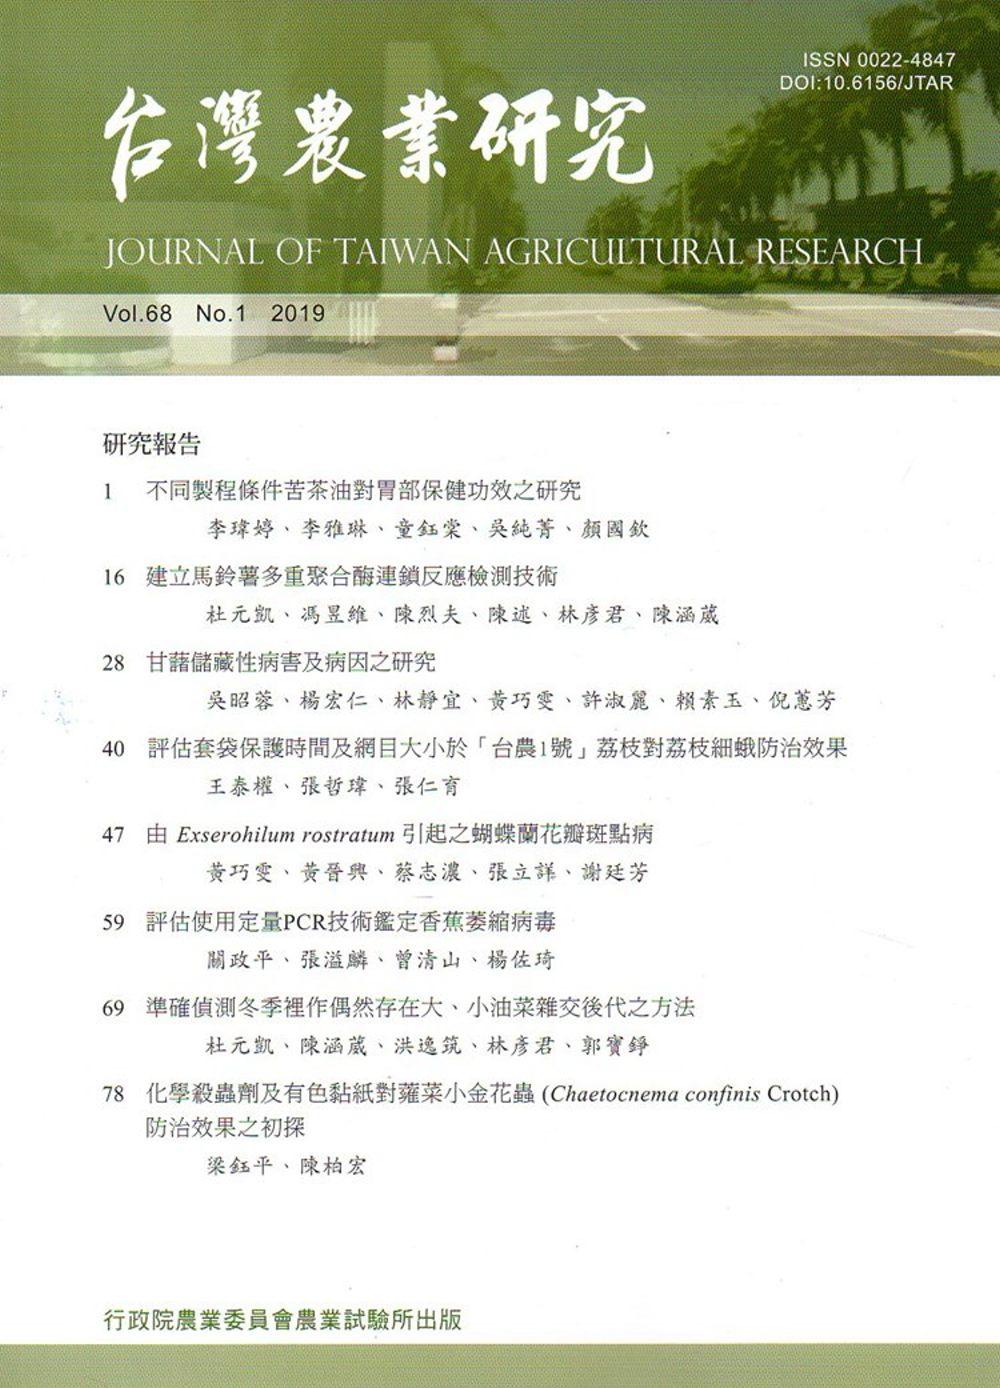 台灣農業研究季刊第68卷1期(108/03)